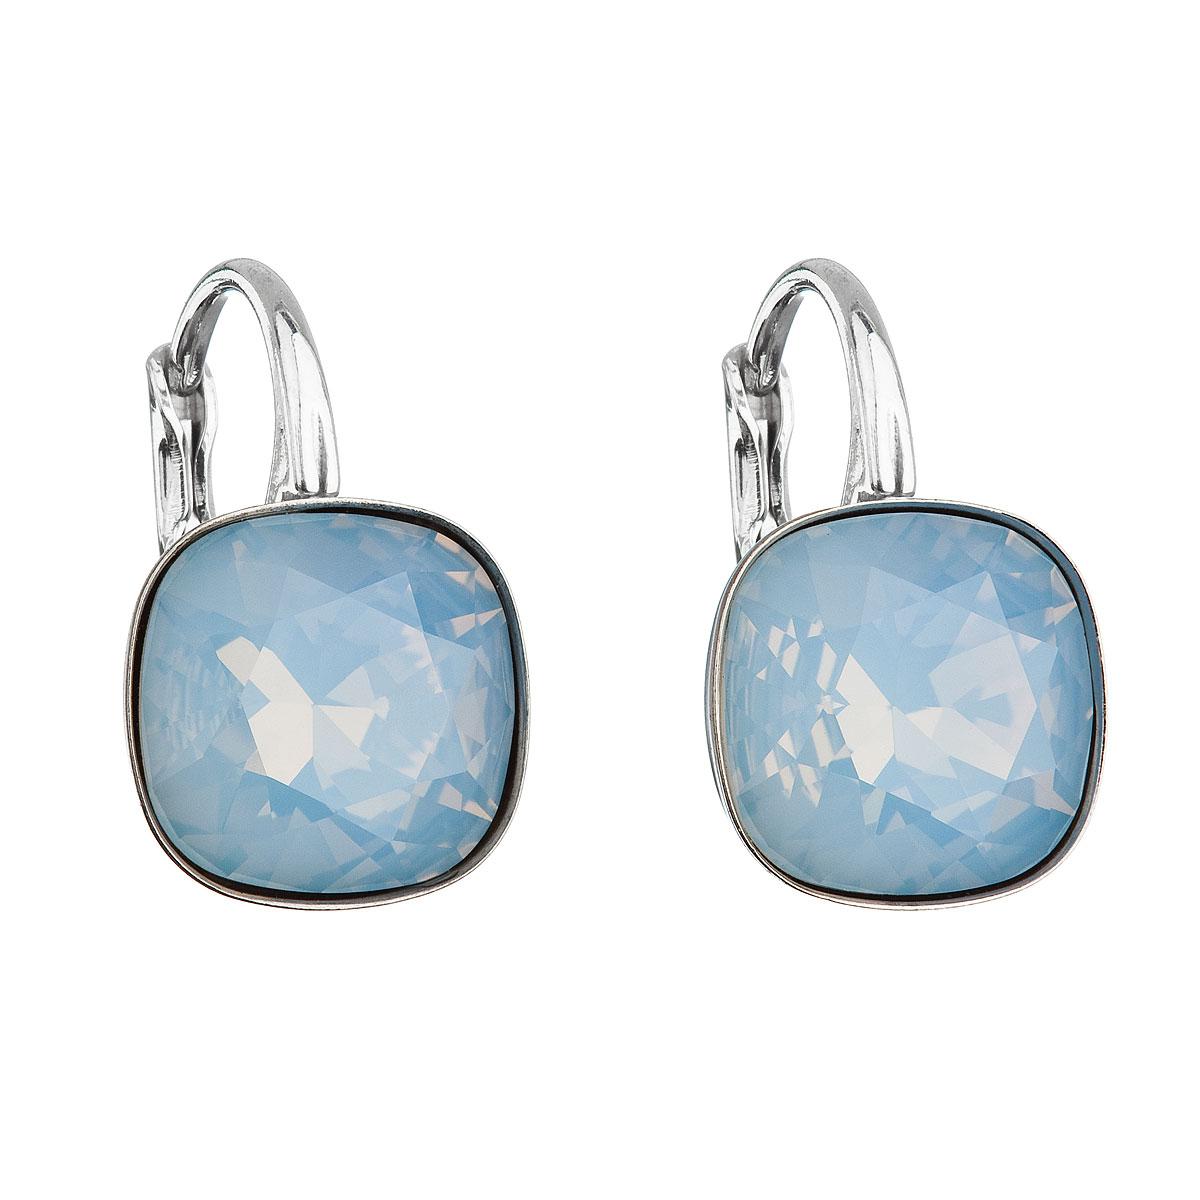 Evolution Group Stříbrné náušnice visací s krystaly Swarovski modrý čtverec 31241.7 blue opal, dárkové balení